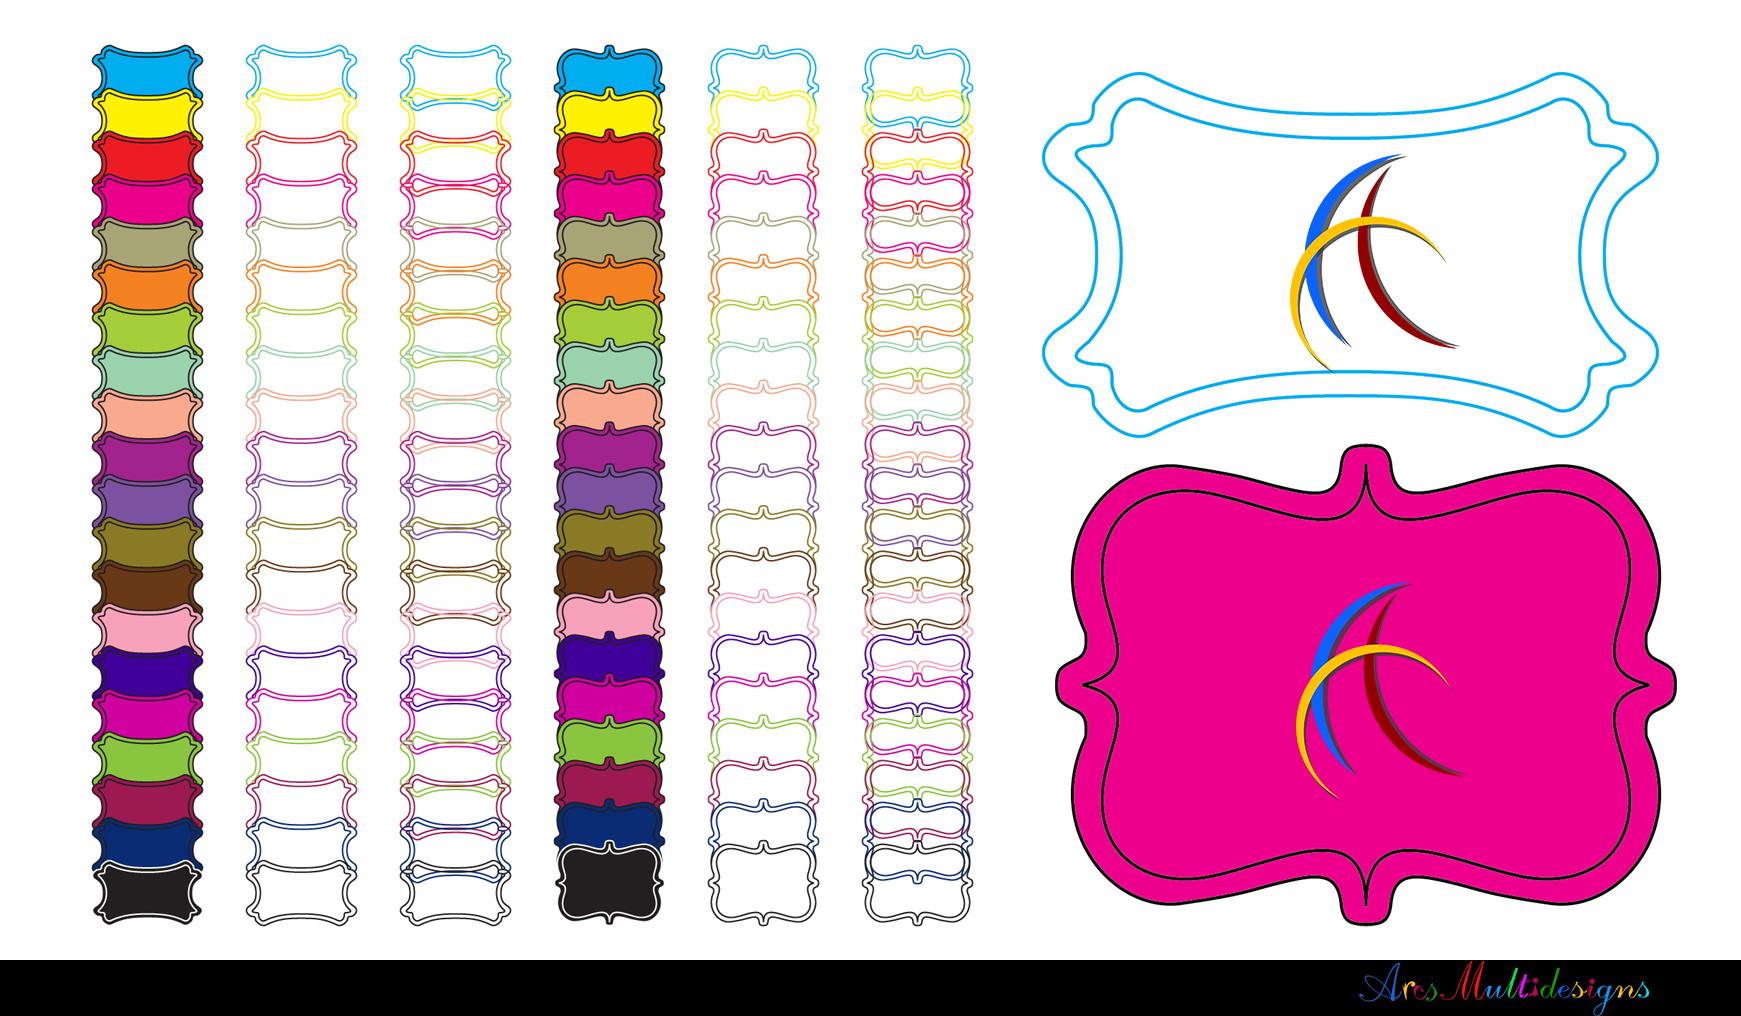 Label clipart bundle / digital label clipart bundle / frames bundle / high quality frames / digital frames clip art / label clipart example image 2